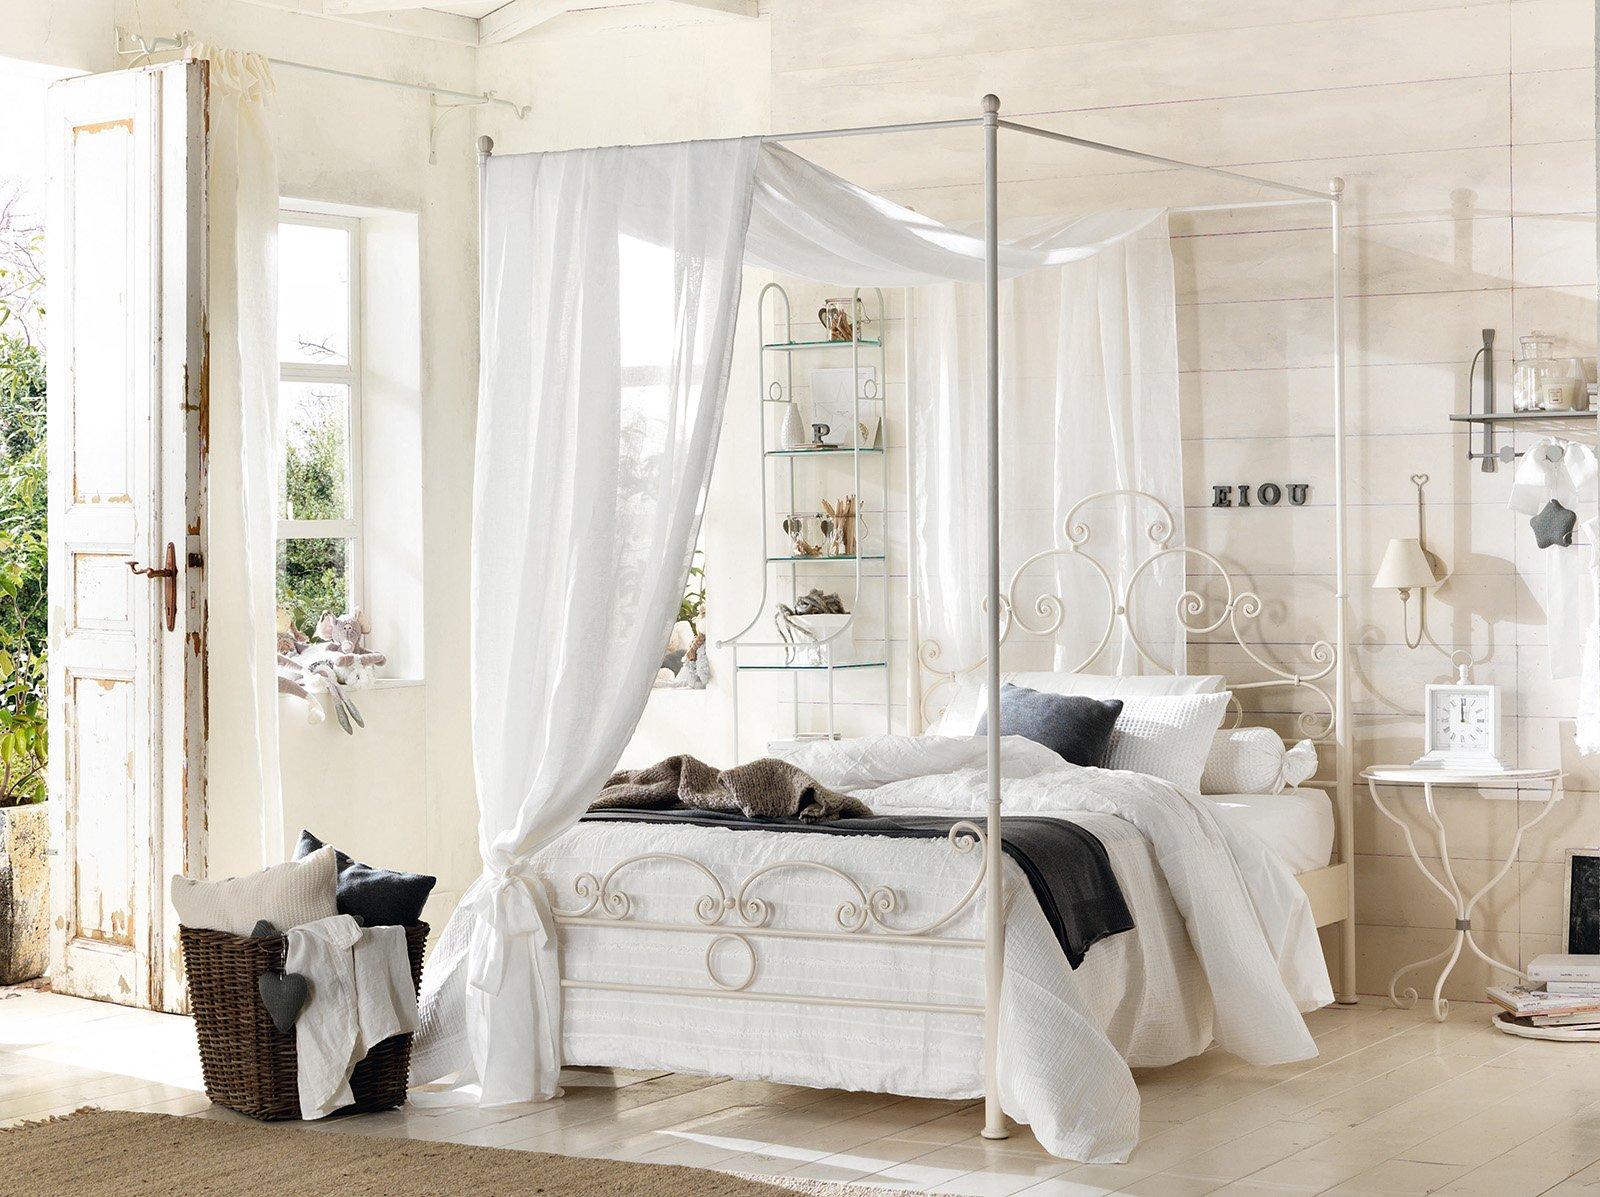 La cameretta romantica di gusto classico cose di casa - Camera stile romantico ...